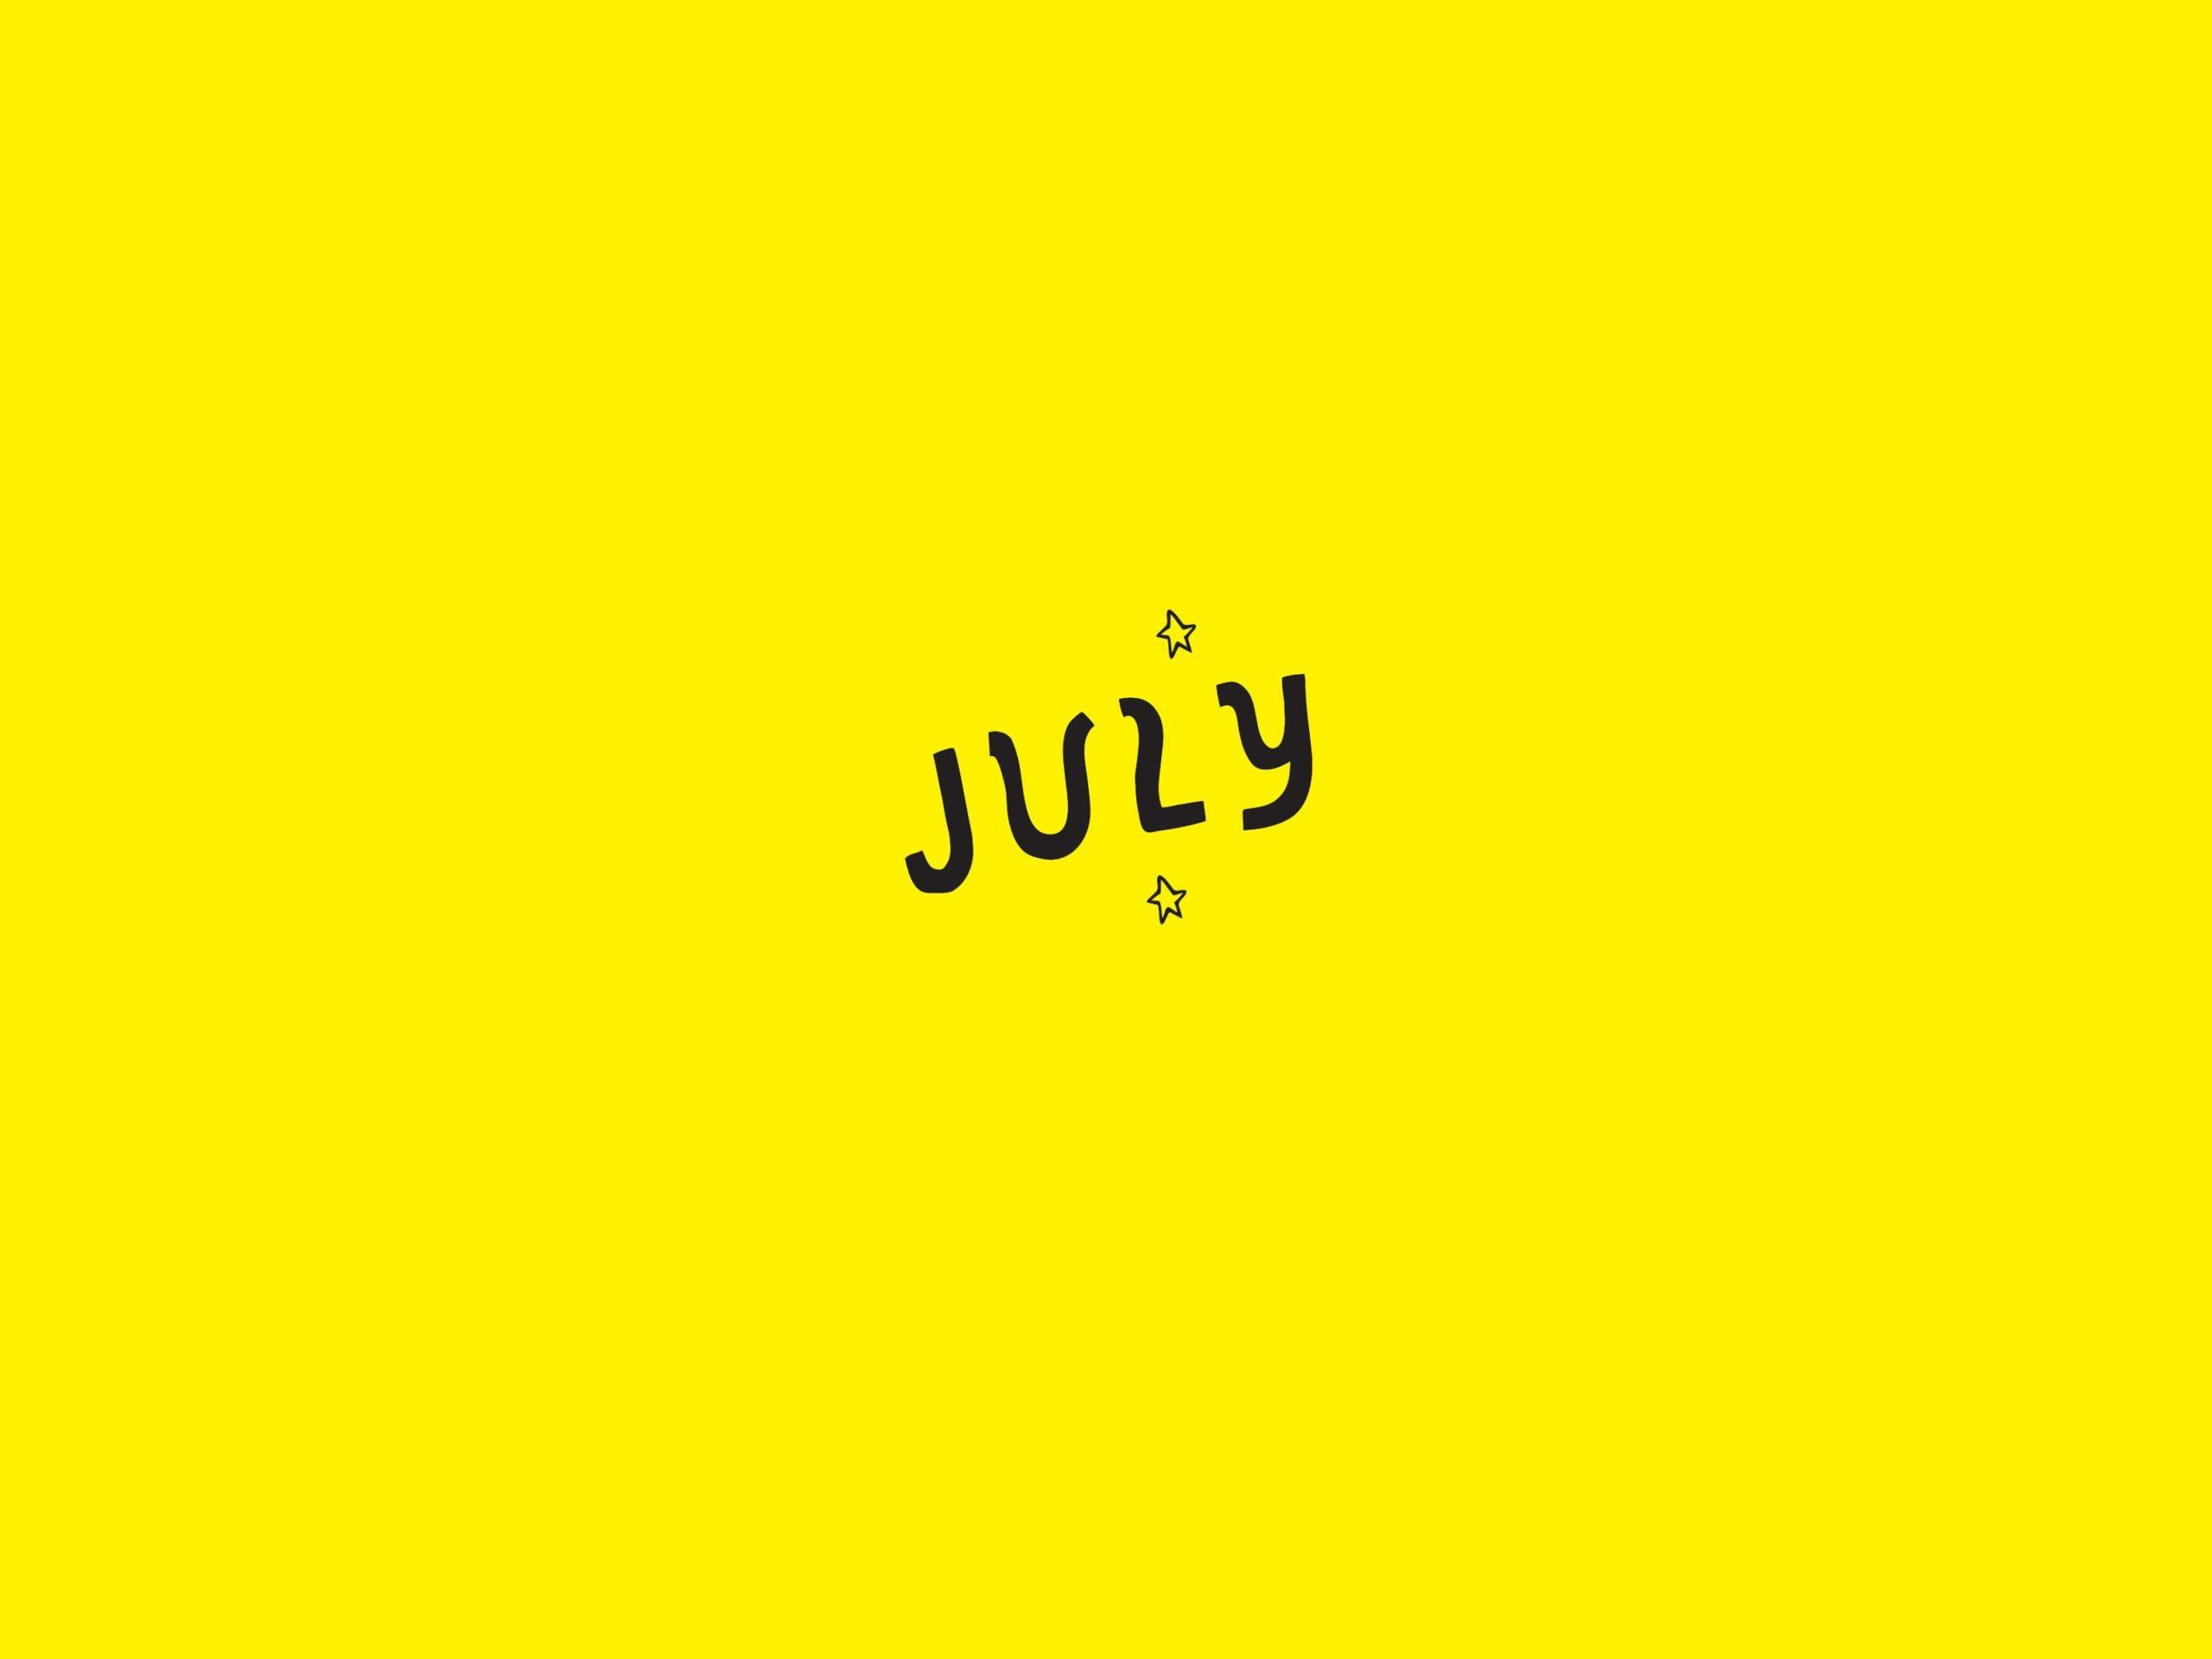 yellow theme wallpaper